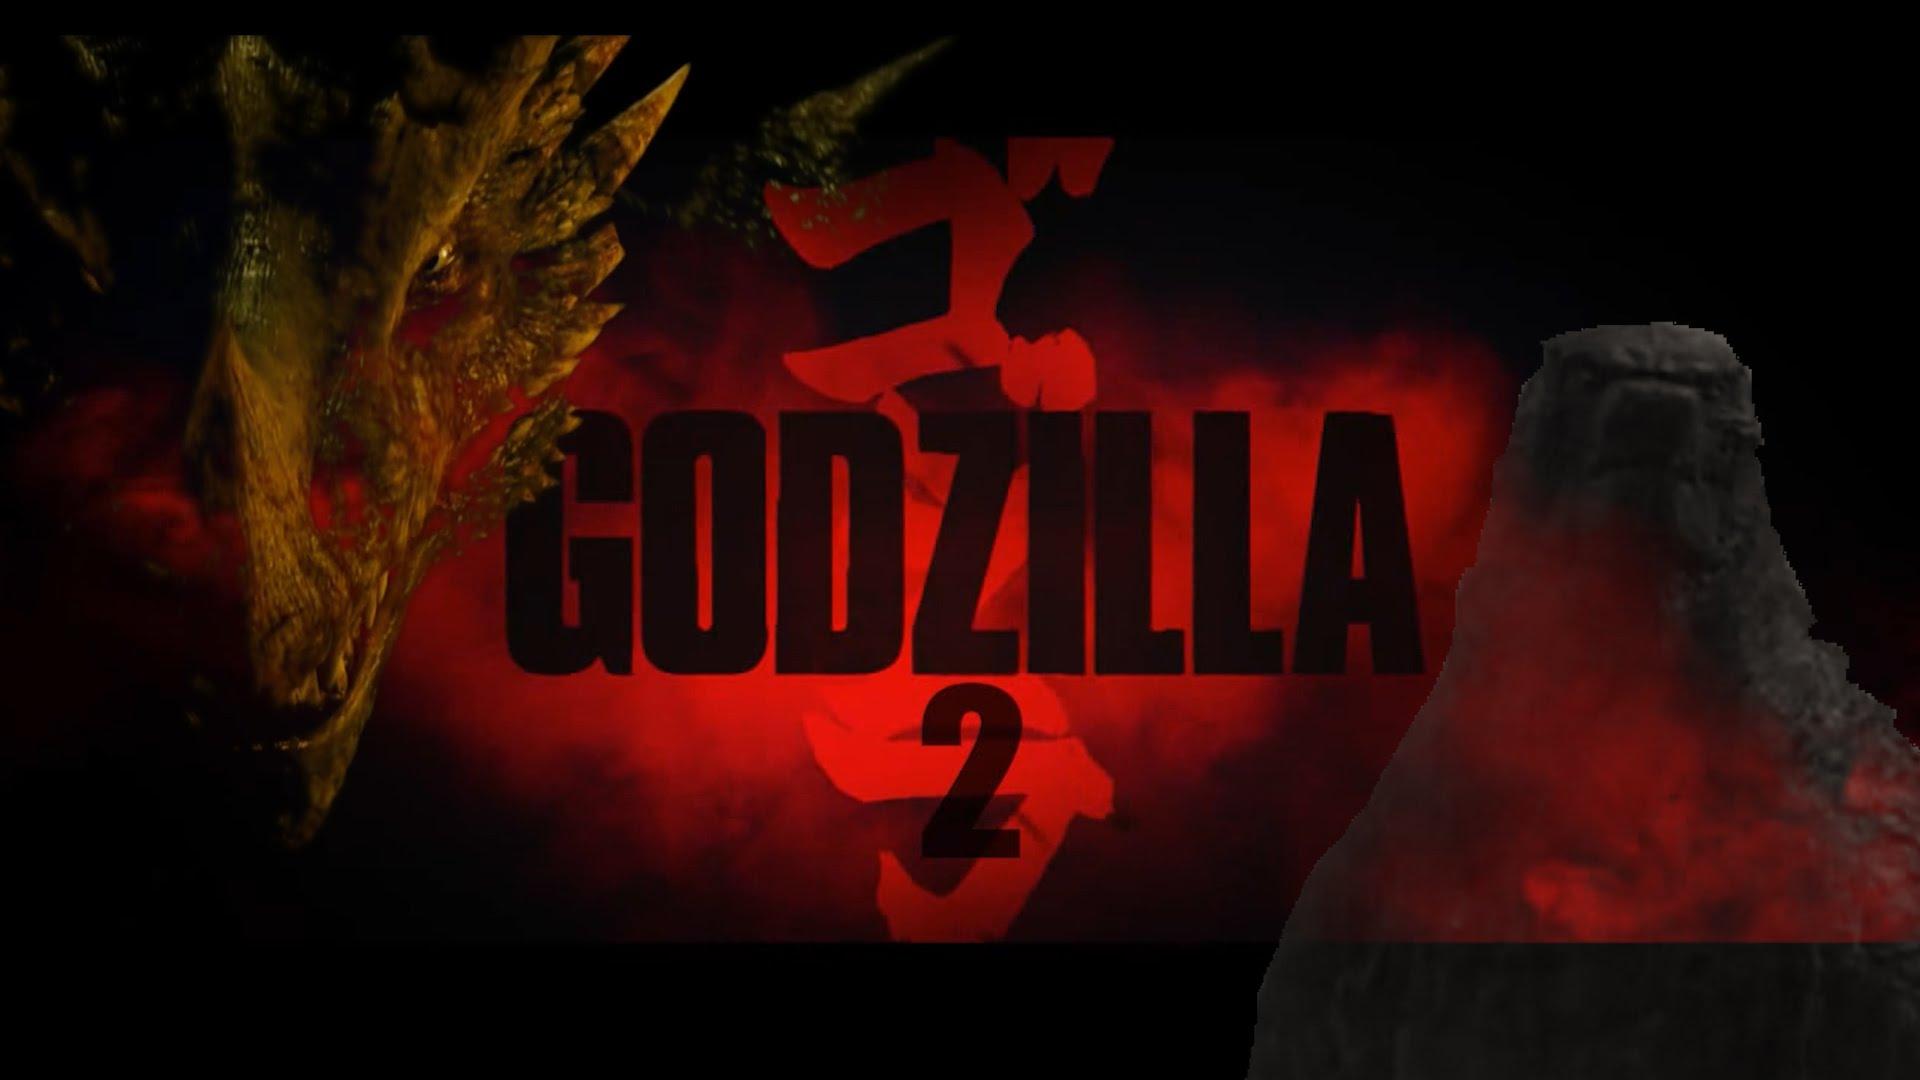 GODZILLA 2-0fficial Fan Trailer 2 (2018)